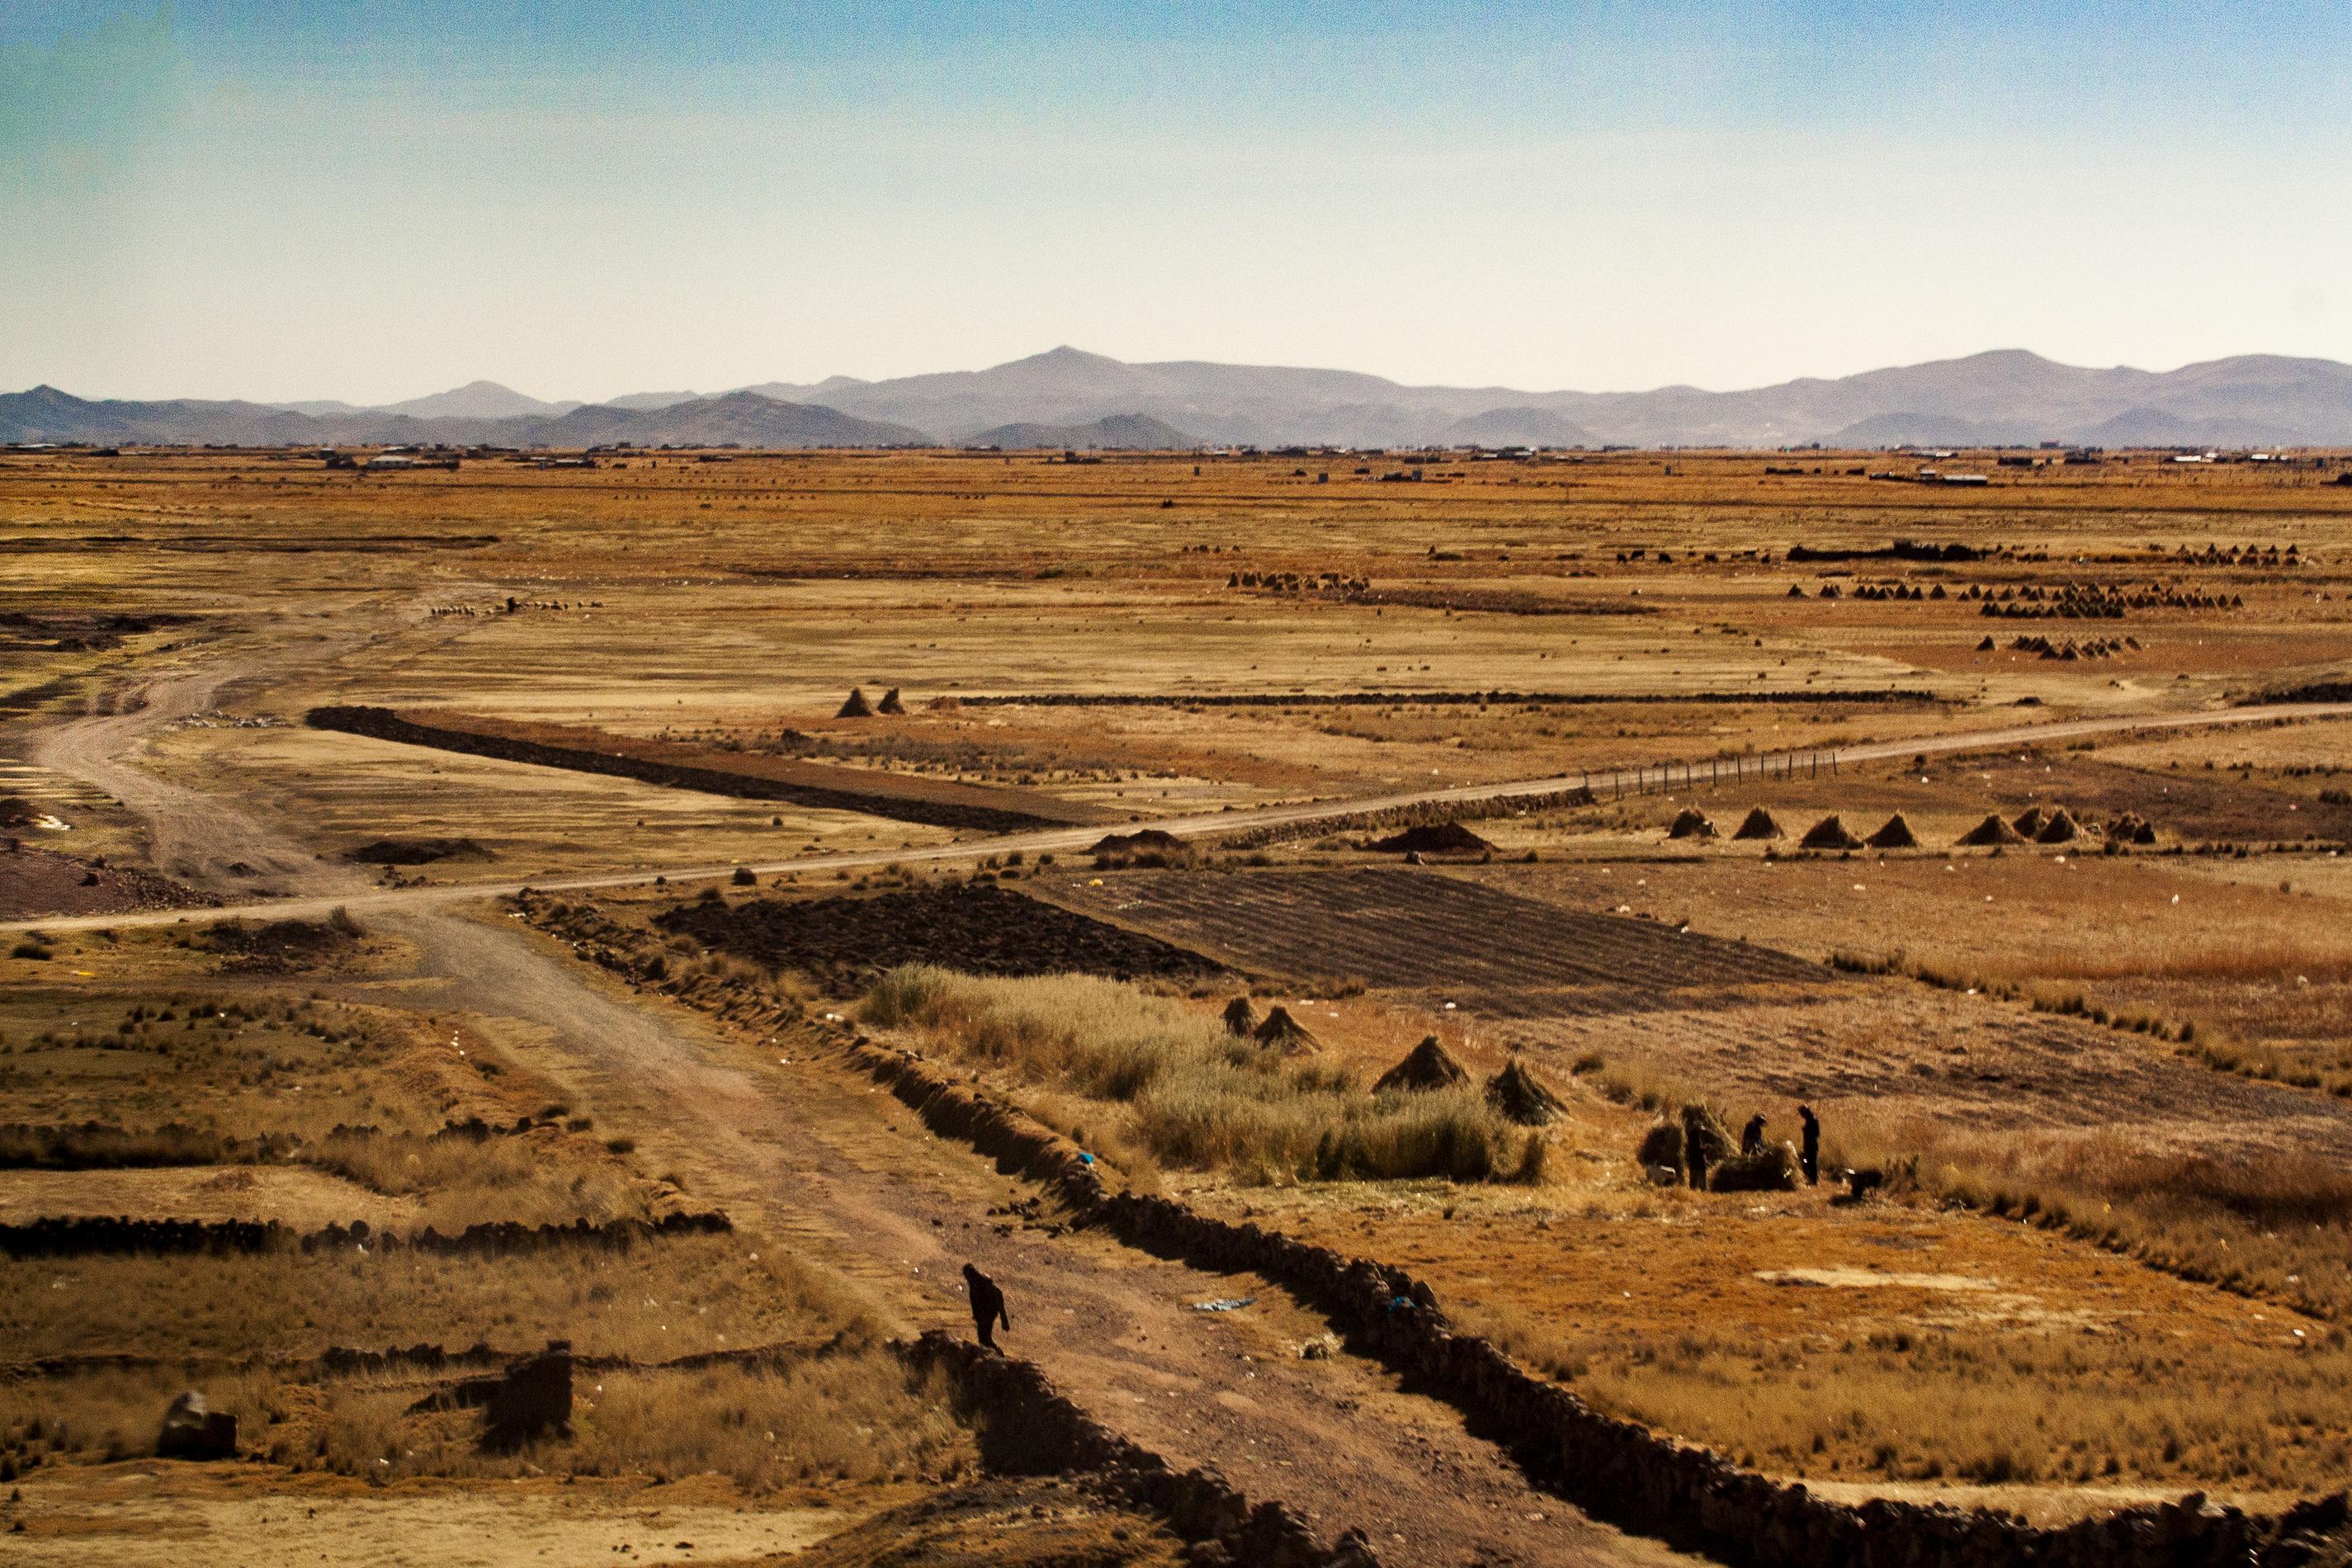 En el camino Carretera de Arequipa a Puno, Perú